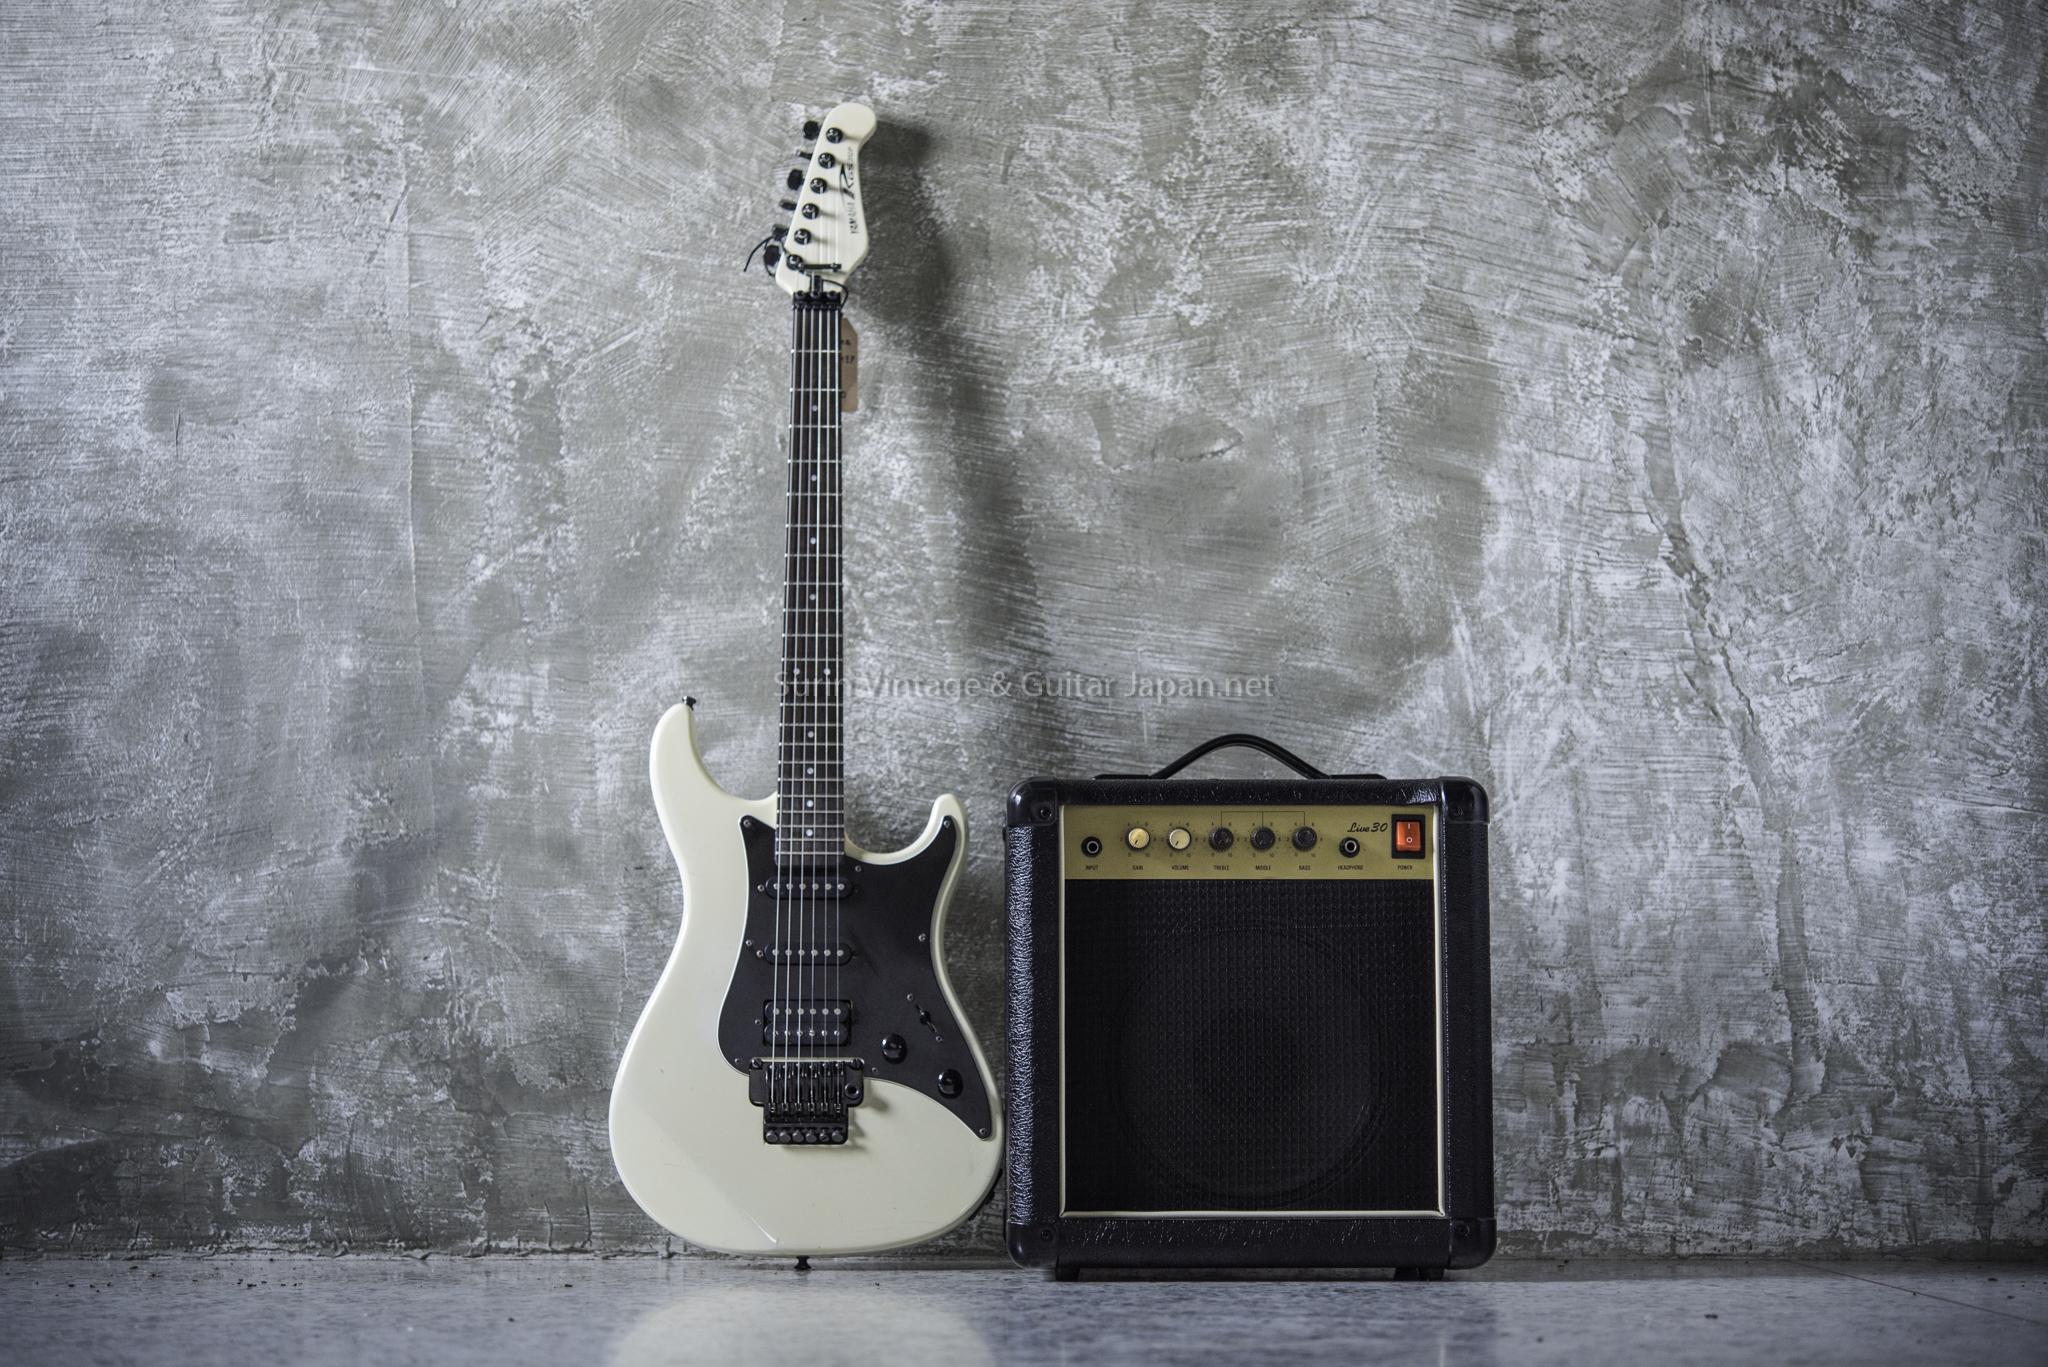 แอมป์กีต้าร์ไฟฟ้ามือสอง Washburn Live30 Guitar amp